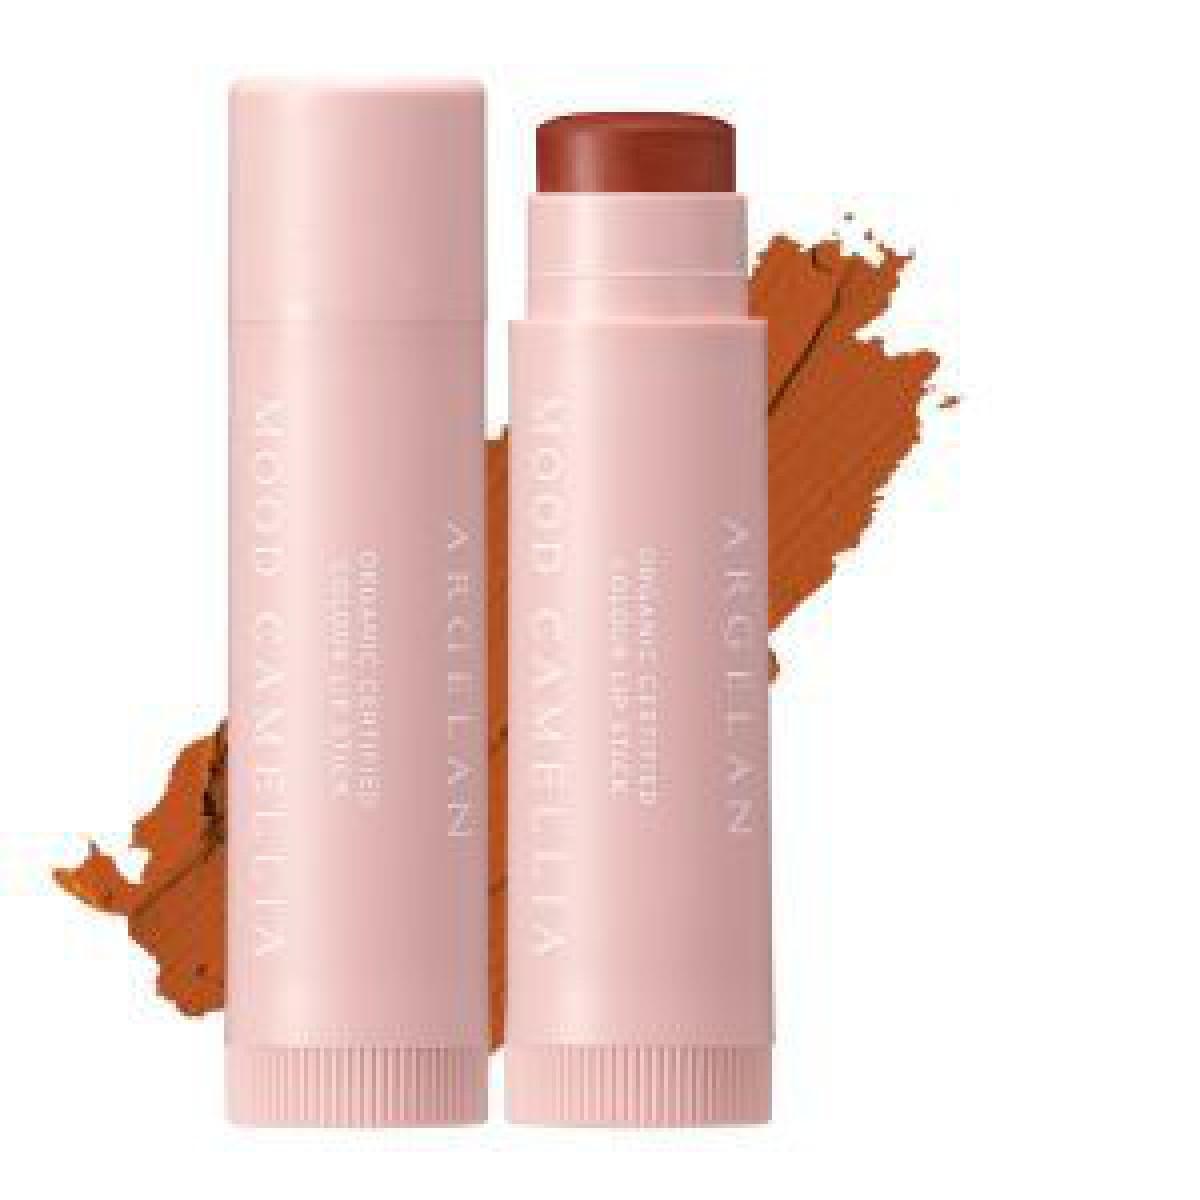 マツキヨ専売コスメ「アルジェラン」のリップから数量限定色が発売、秋らしいブラウンカラー